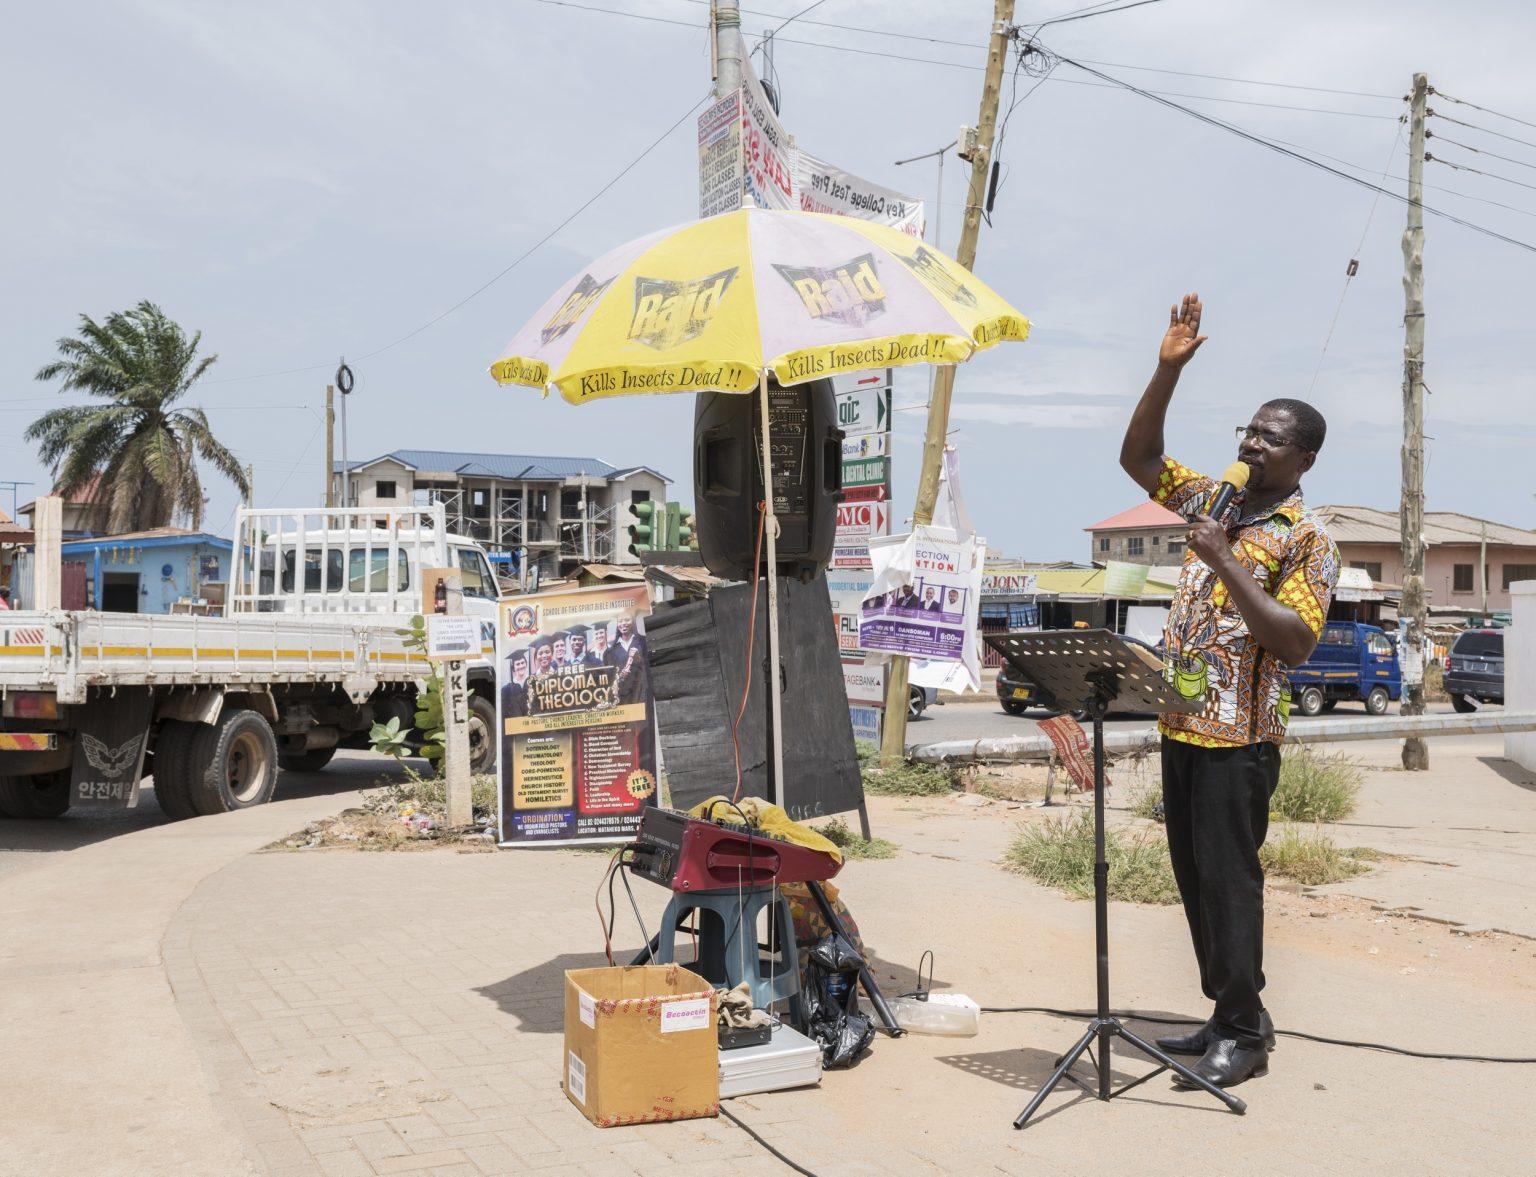 Accra, Republic of Ghana, May 2019 - A mobile preacher performing in a street of the city. ><  Accra, Repubblica del Ghana, maggio 2019 - Predicatore mobile durante il sermone in una strada della citta.